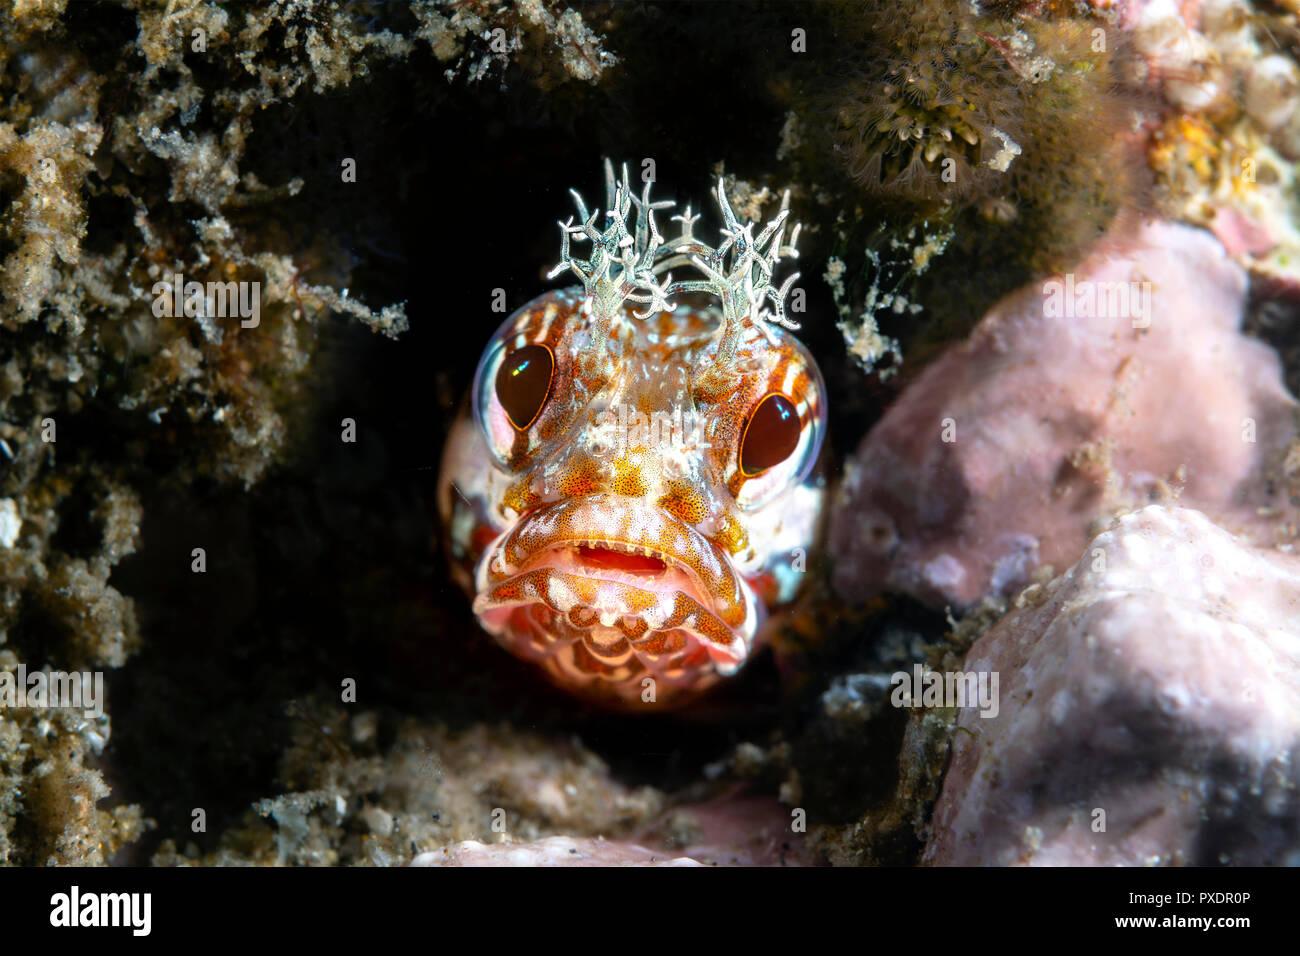 À l'aide de faisceau d'éclairage spéciales limitées snoot, j'ai capturé cette petite tête de peering blennies fringe à partir d'un petit tube pour lequel le poisson vit. Photo Stock